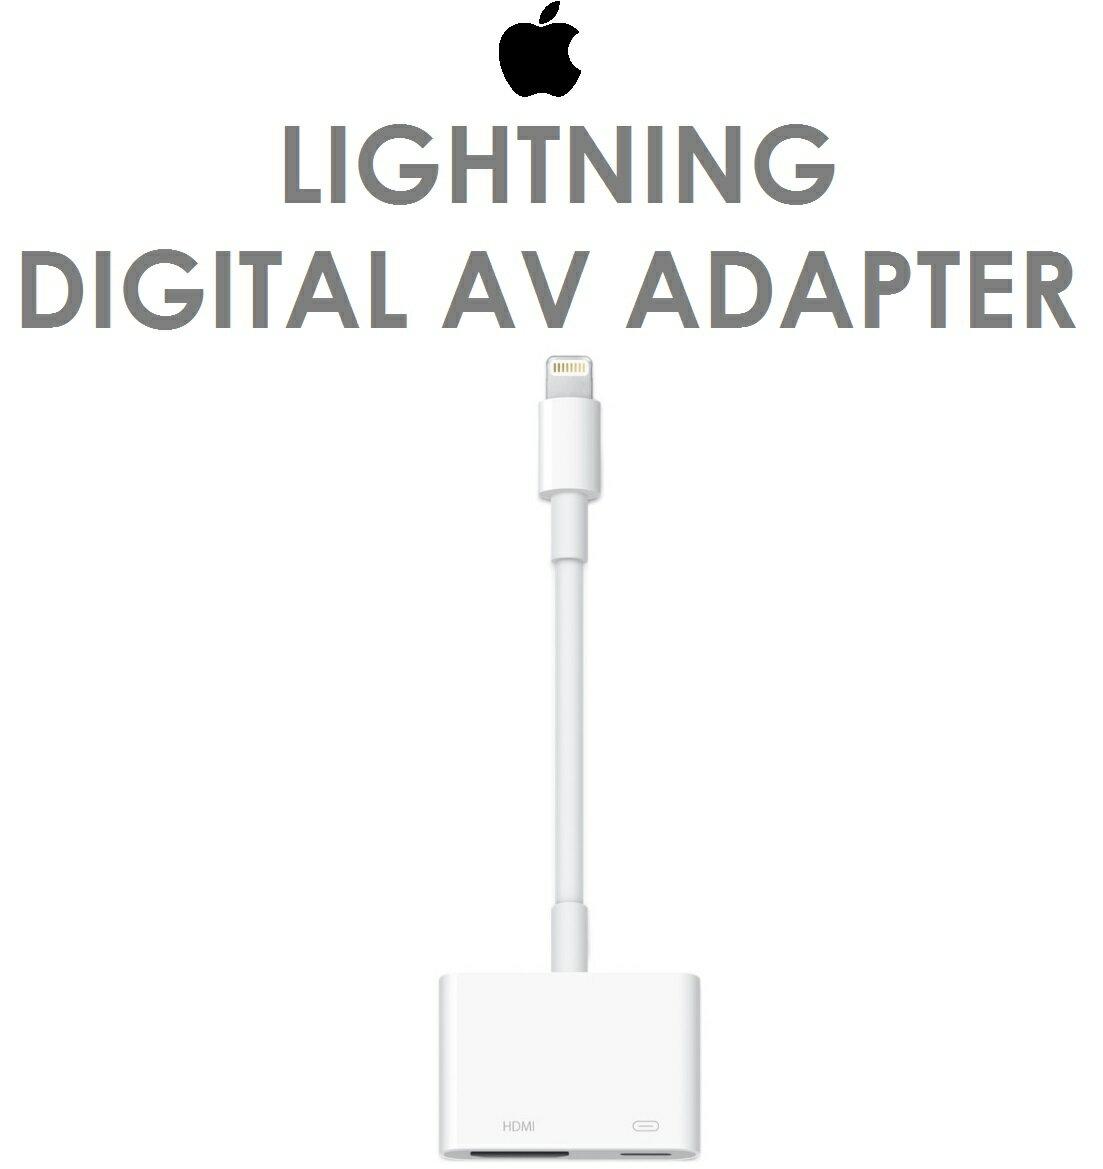 【原廠吊卡盒裝】蘋果 APPLE Lightning 數位影音轉接器 AV